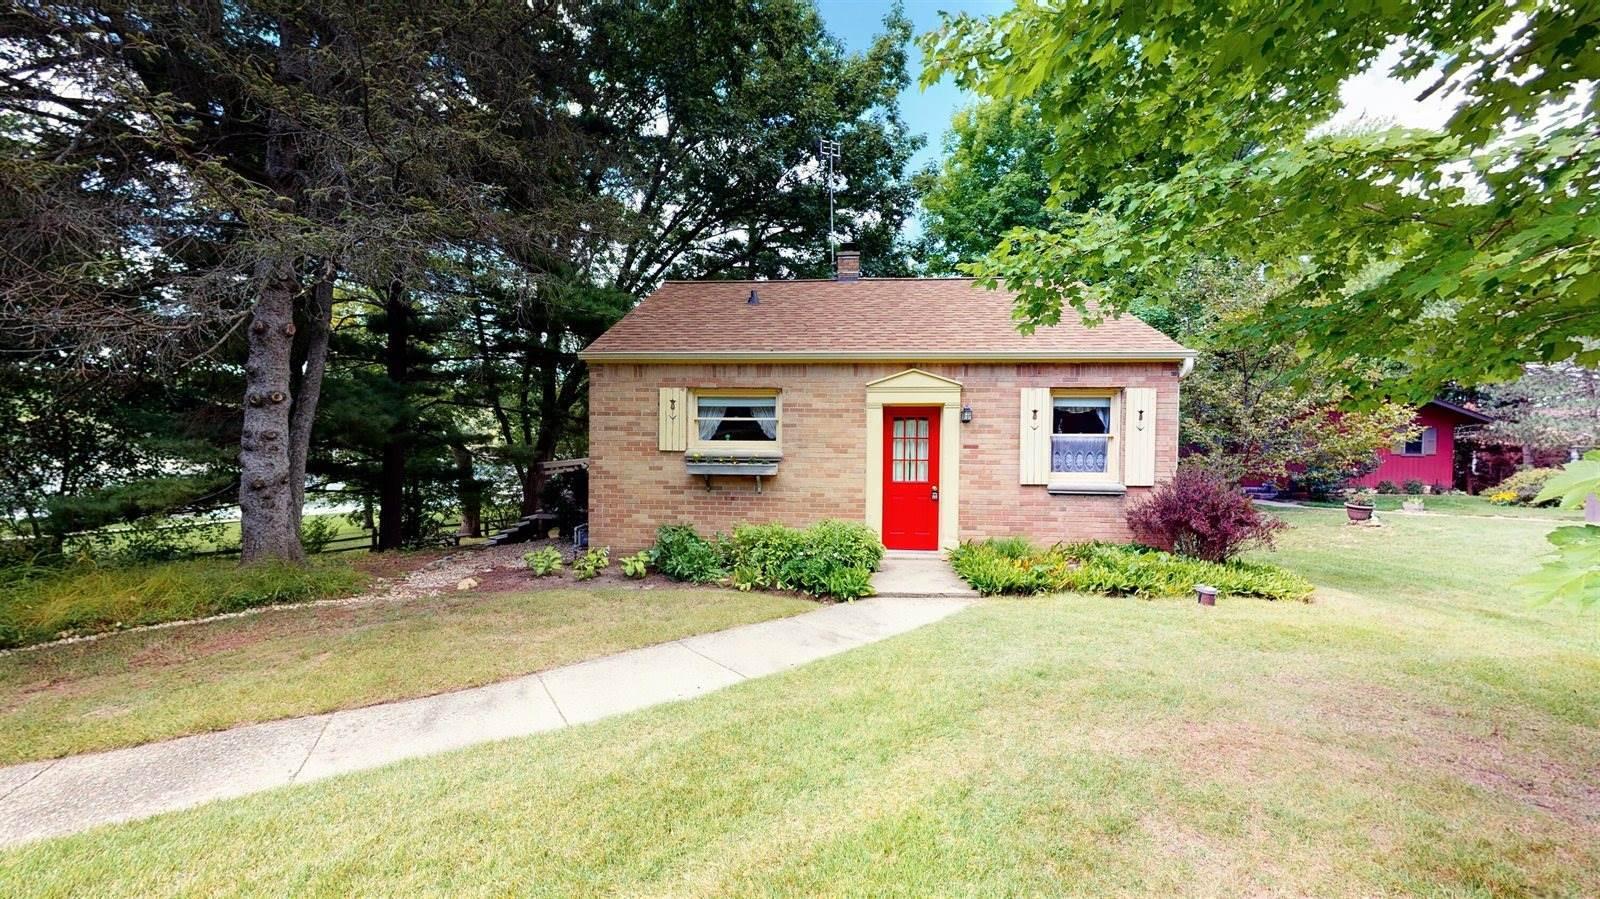 N6997 Oakwood Rd, Richmond, WI 53190